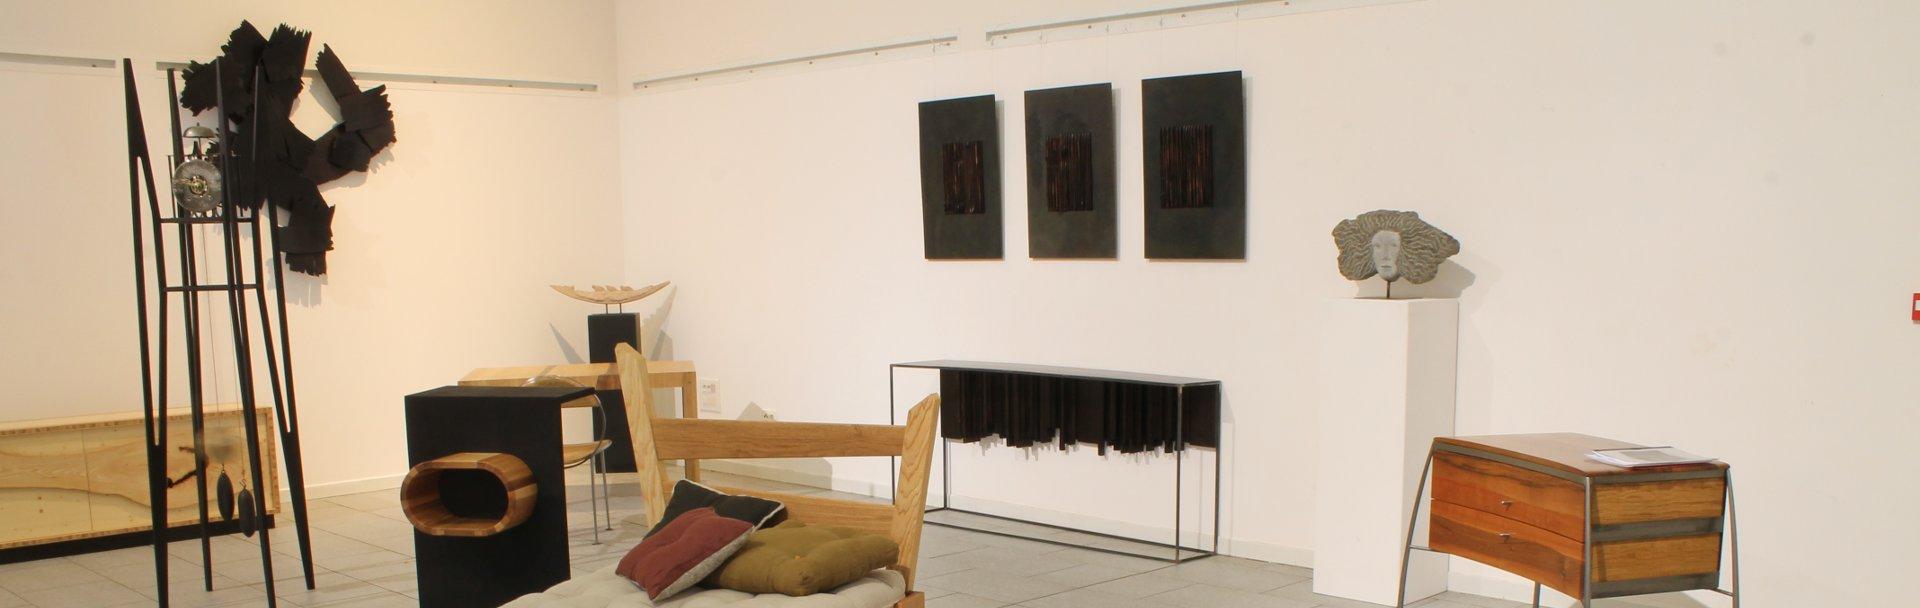 Vue d'ensemble 4 de l'exposition de Plérin